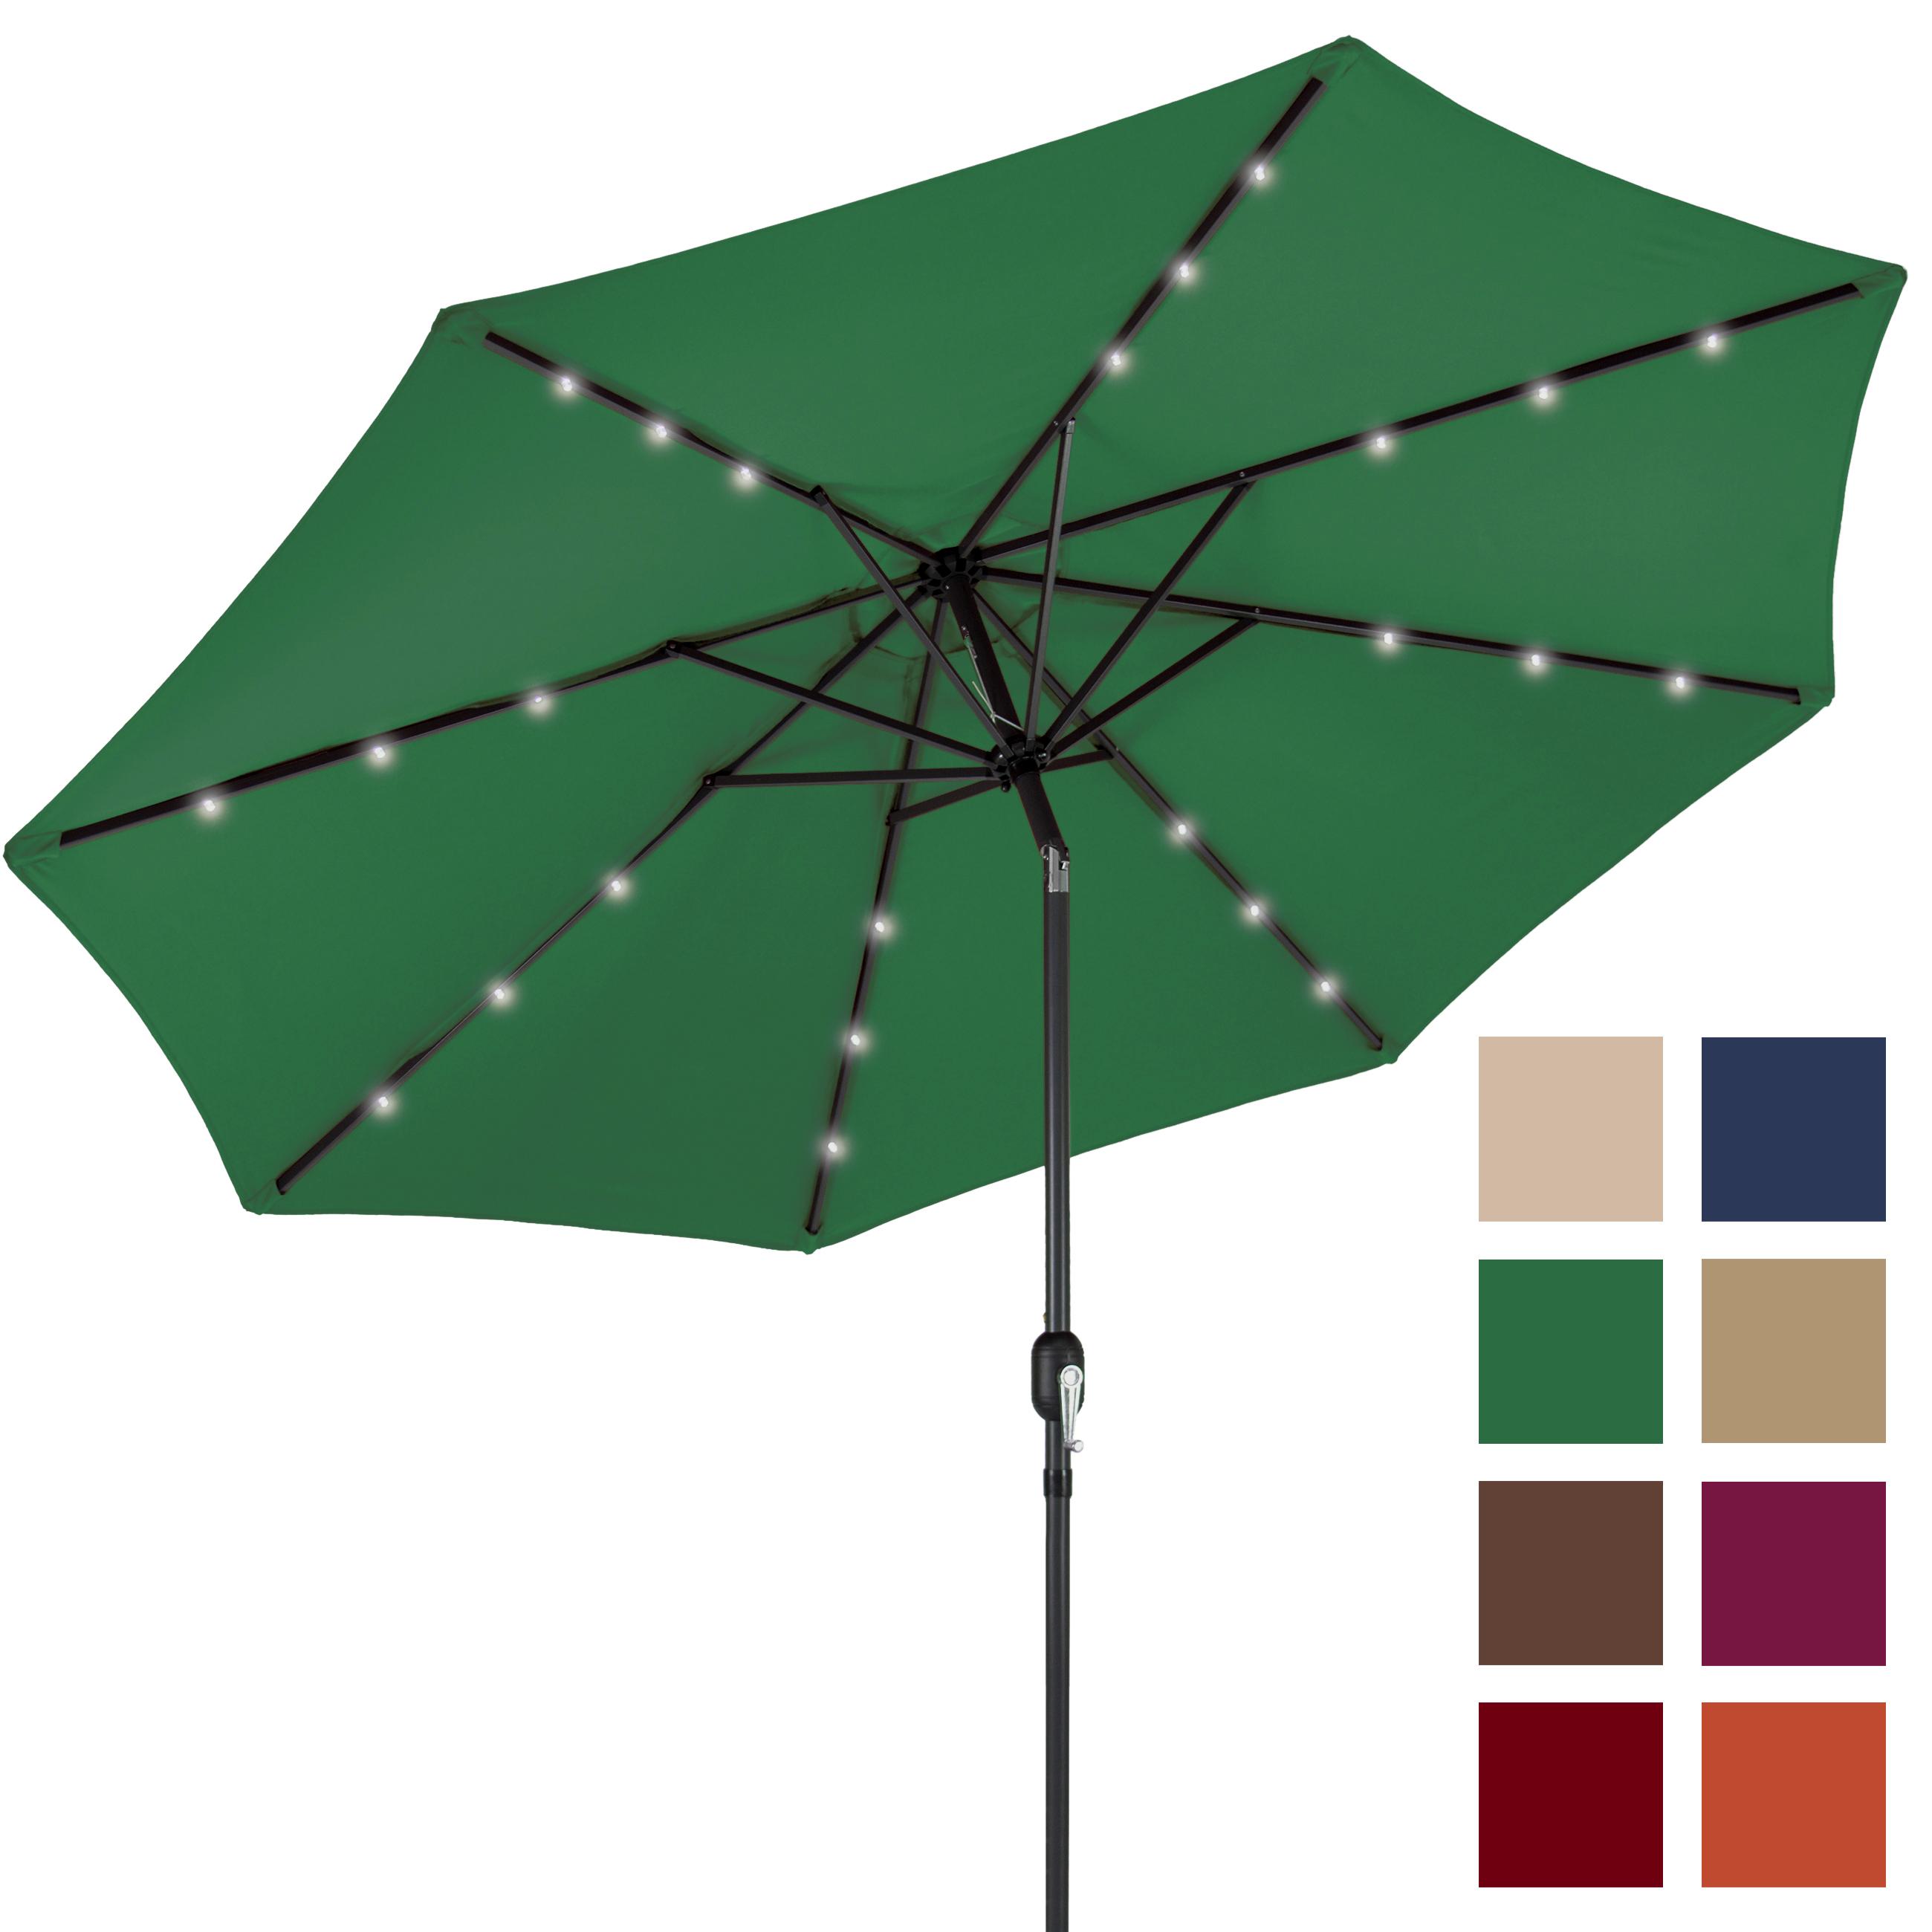 tilting solar umbrella - HD2560×2560